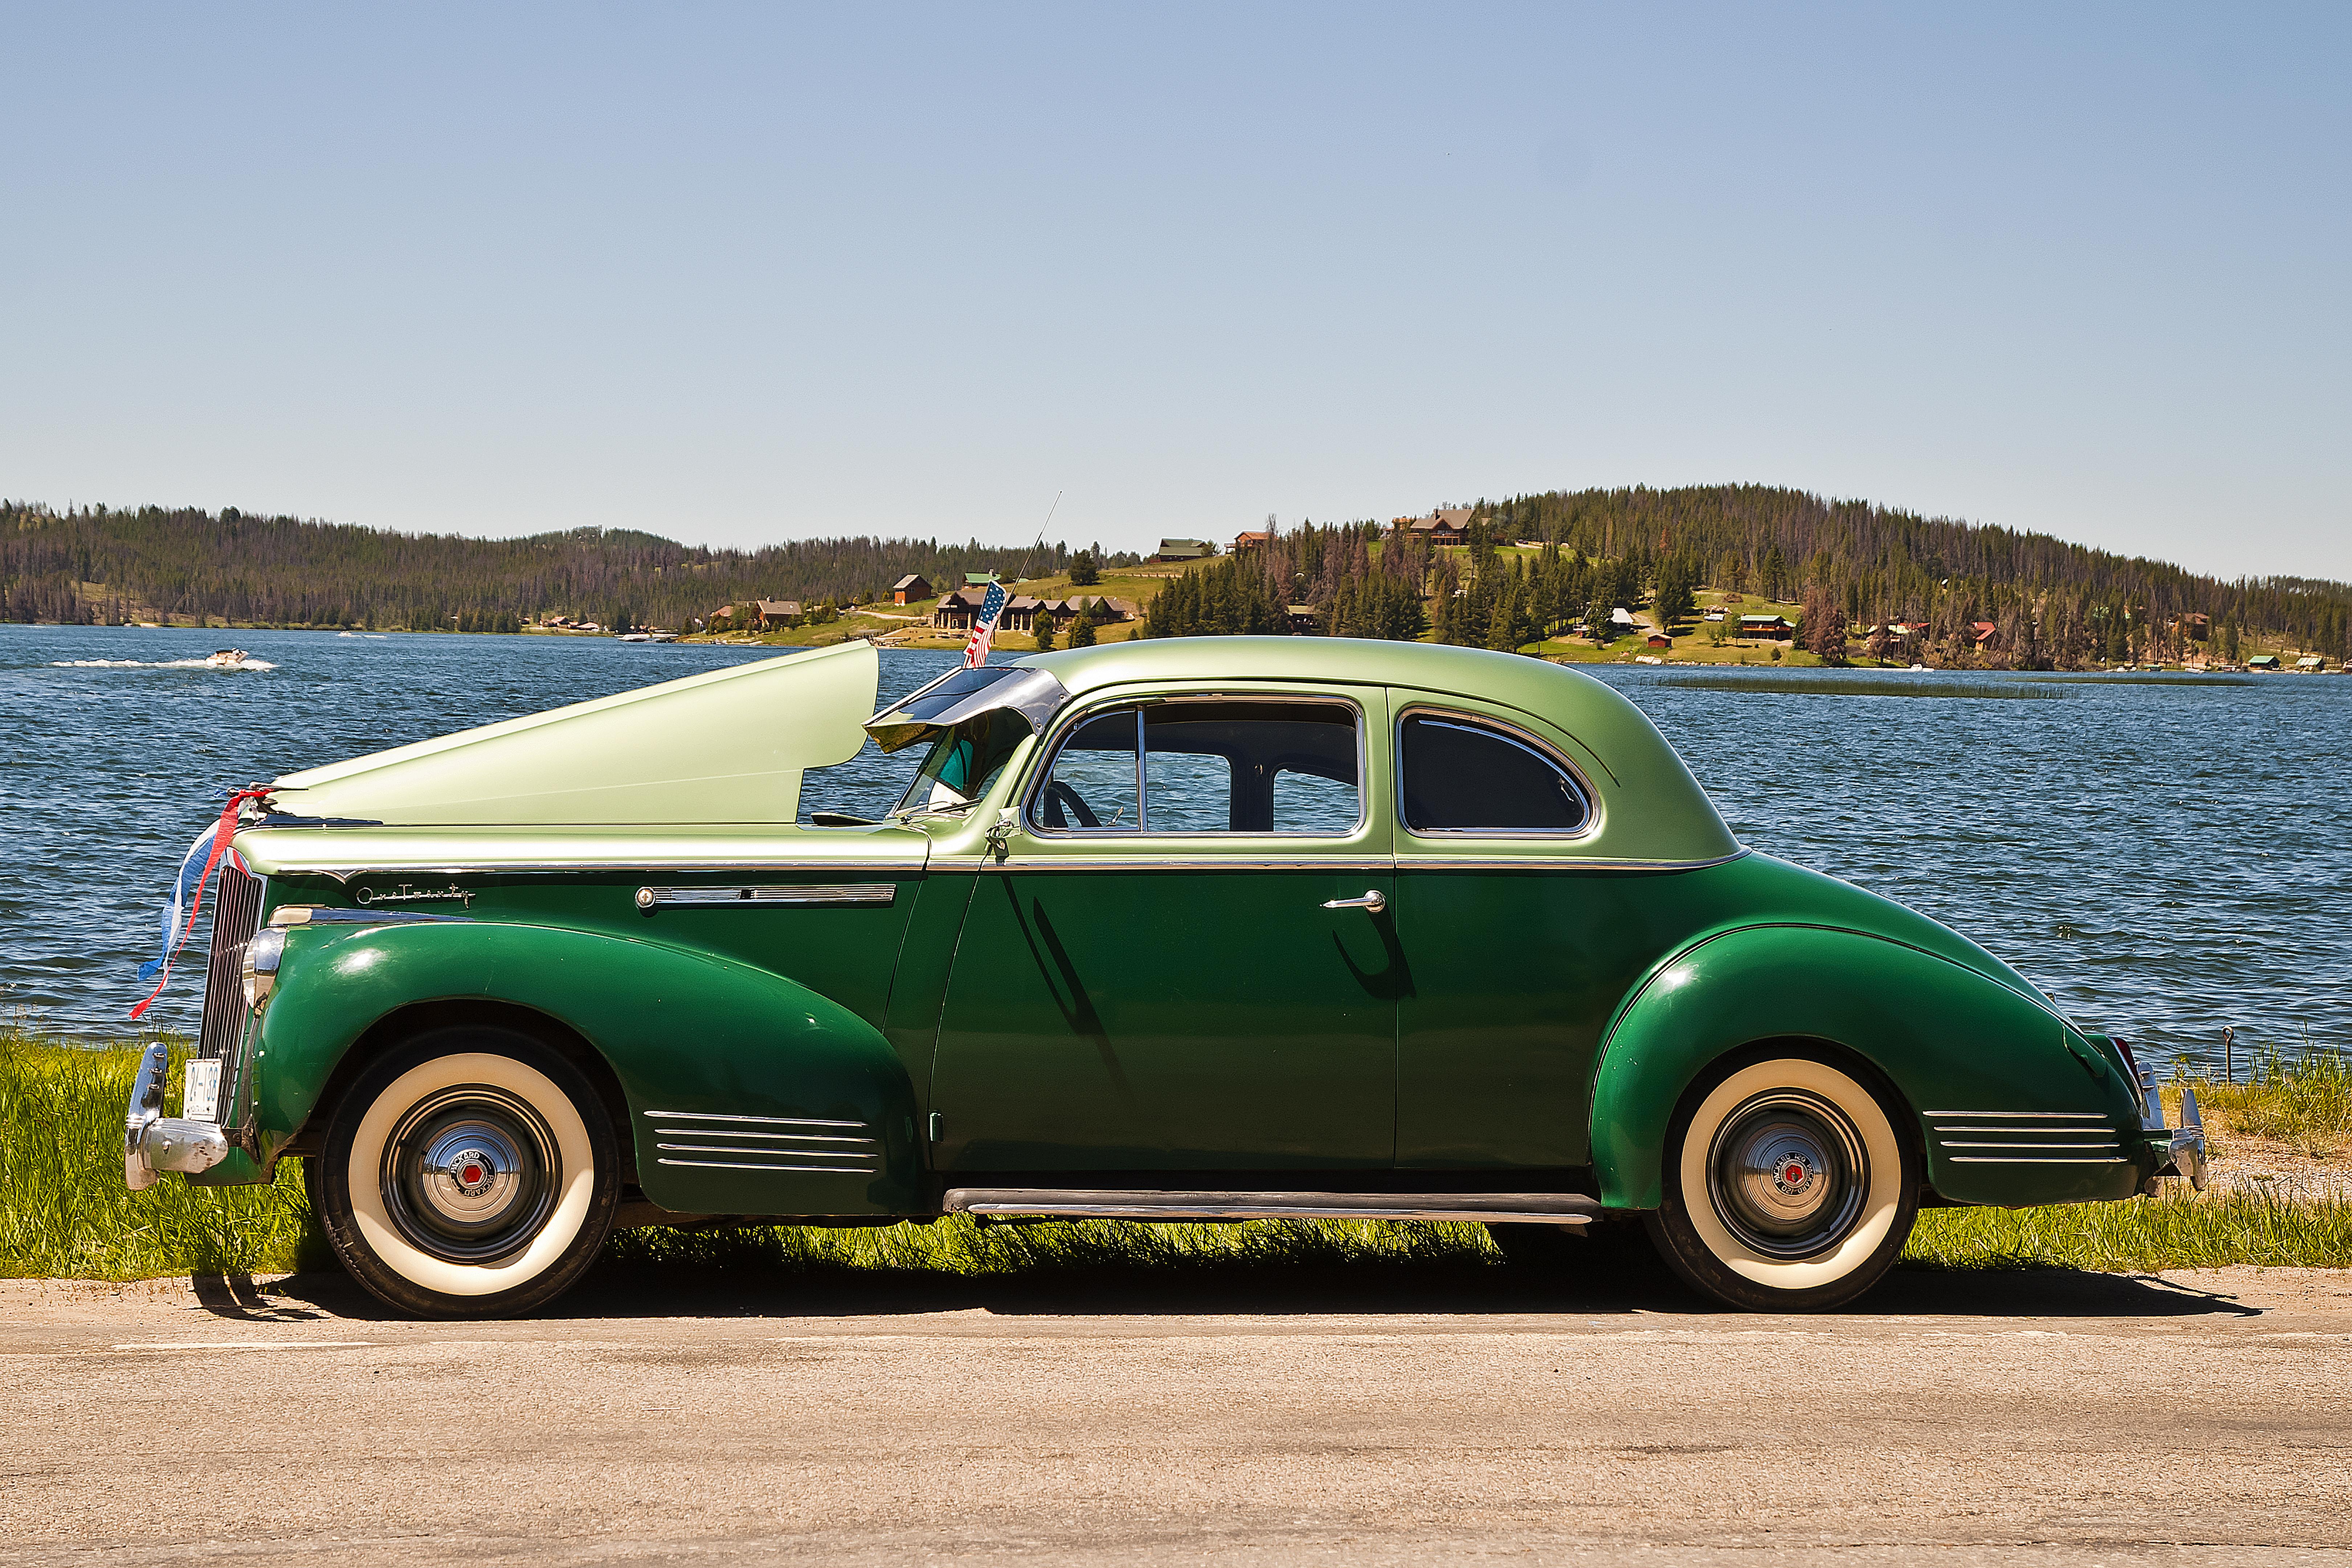 1941 Packard One-Twenty by quintmckown